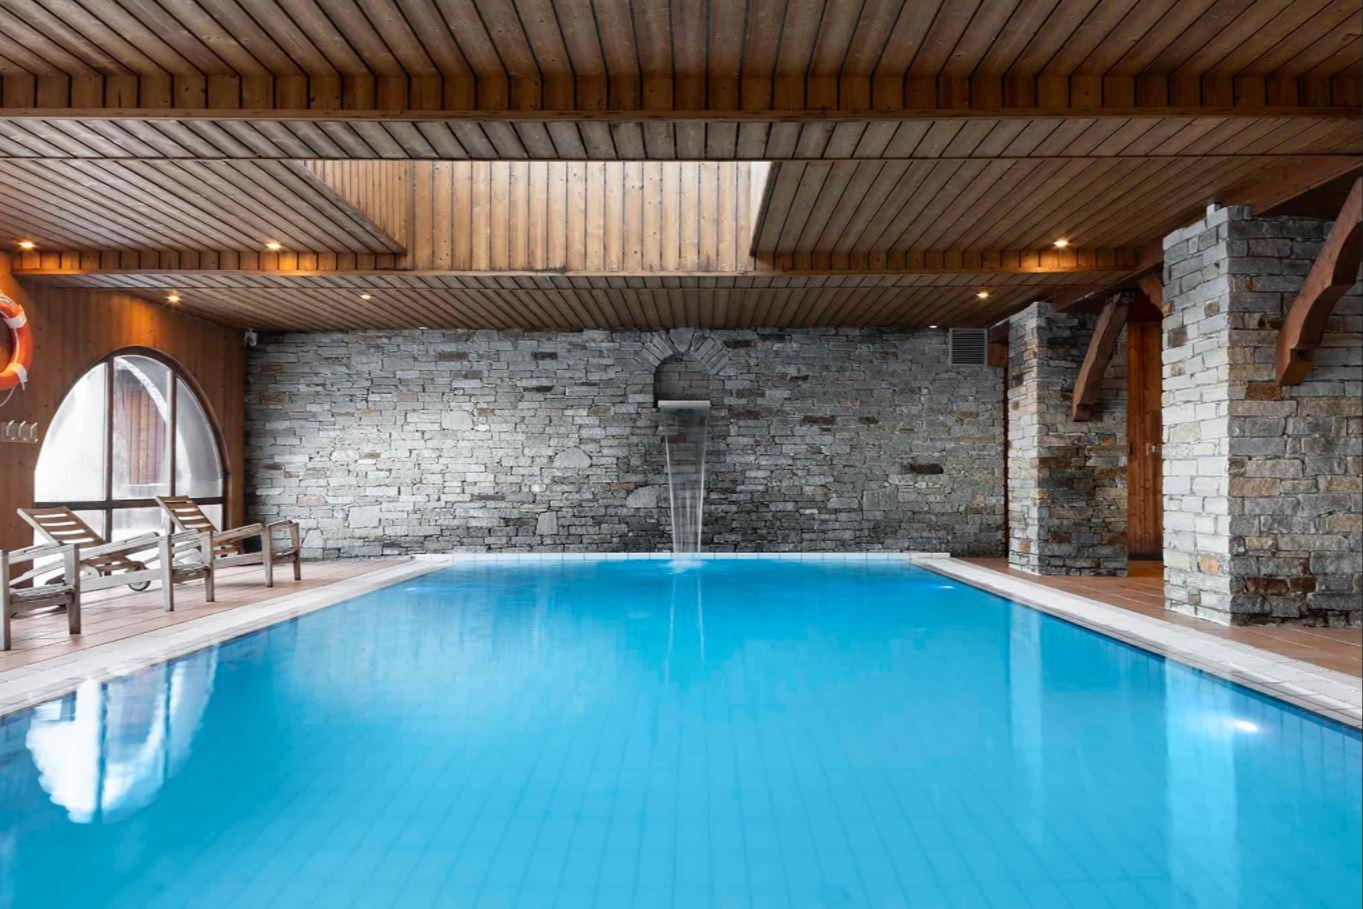 The swimming pool at Les Balcons de Belle Plagne